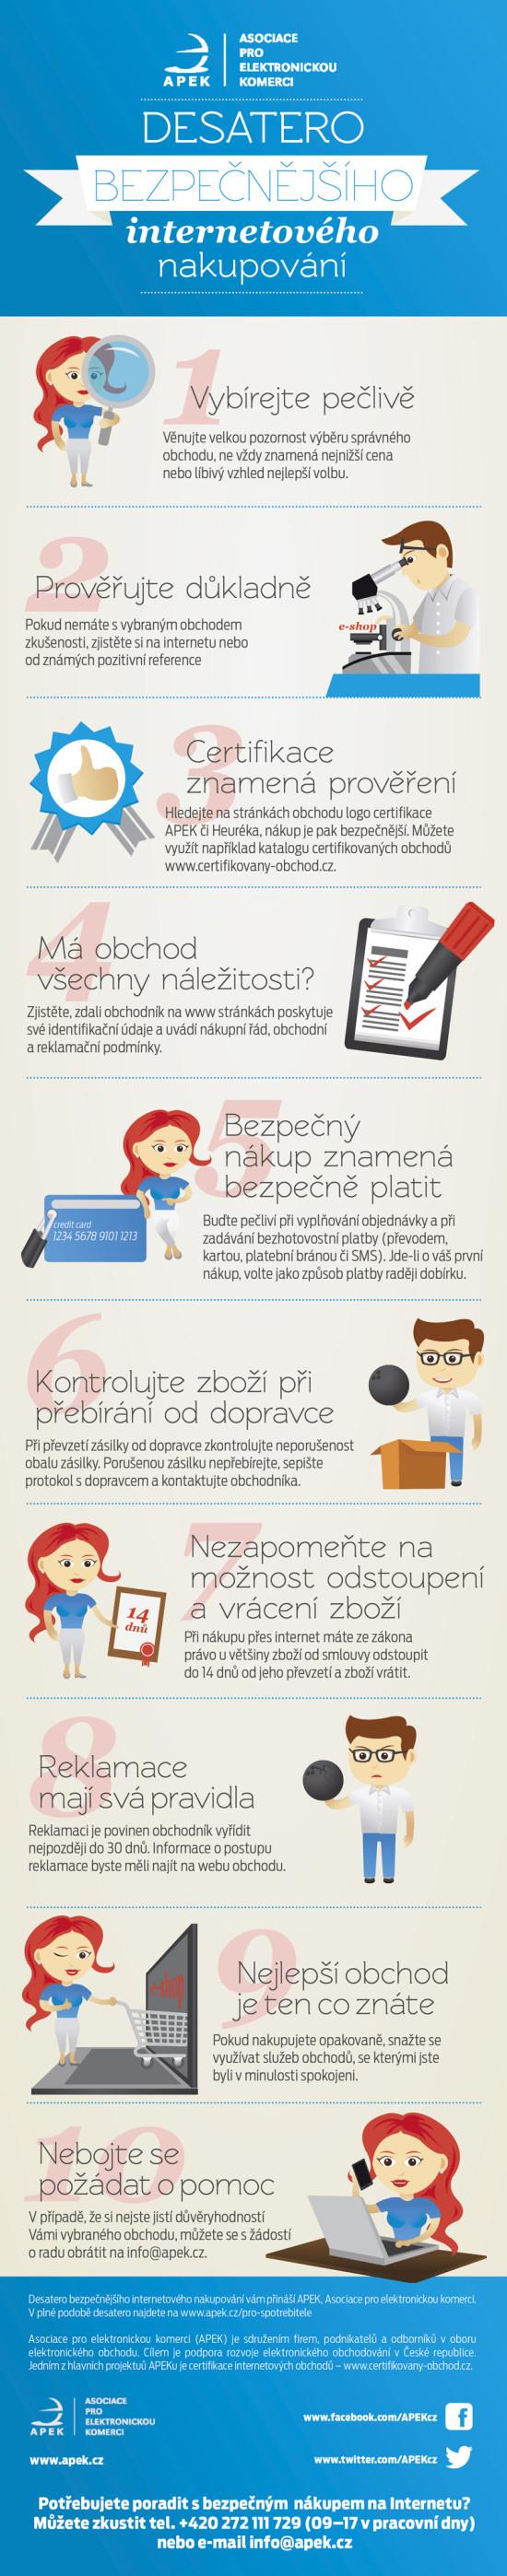 Desatero bezpečnějšího internetového nakupování